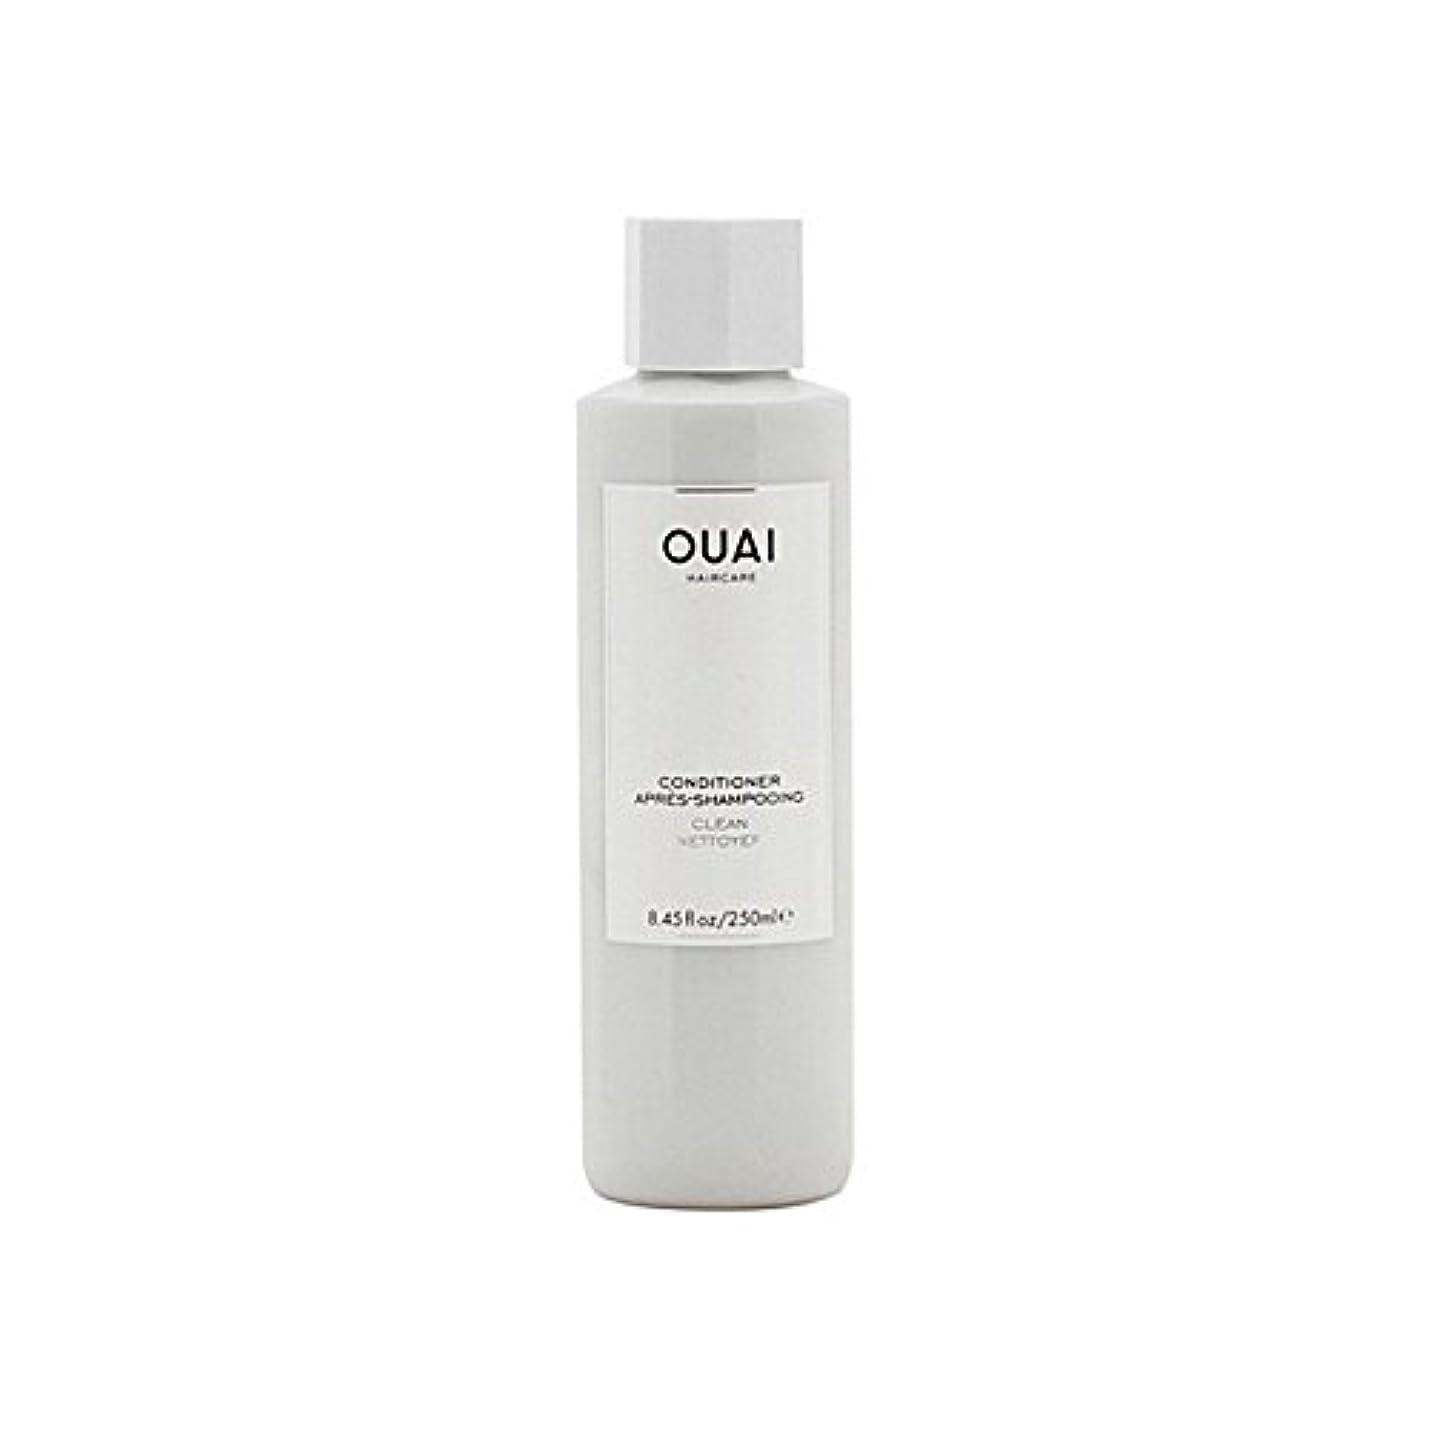 監督する全滅させる反抗Ouai Clean Conditioner 300ml - クリーンコンディショナー300ミリリットル [並行輸入品]